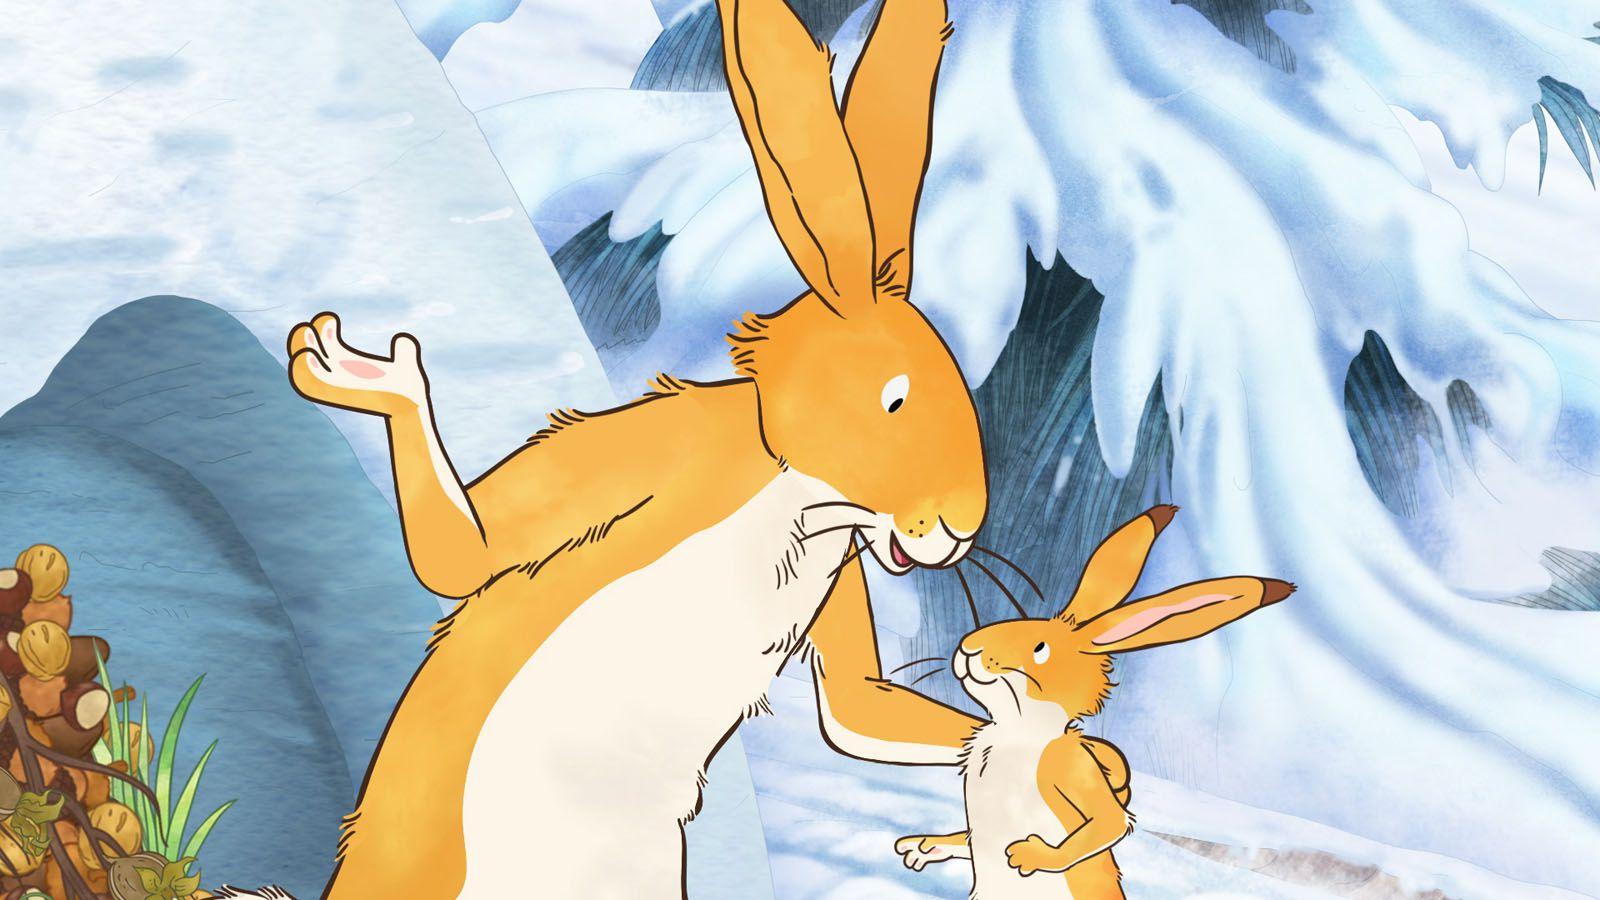 Le Noël de petit lièvre brun (BANDE-ANNONCE) de Samantha Leriche-Gionet, Sophie Martin, ... - Le 11 novembre 2020 au cinéma